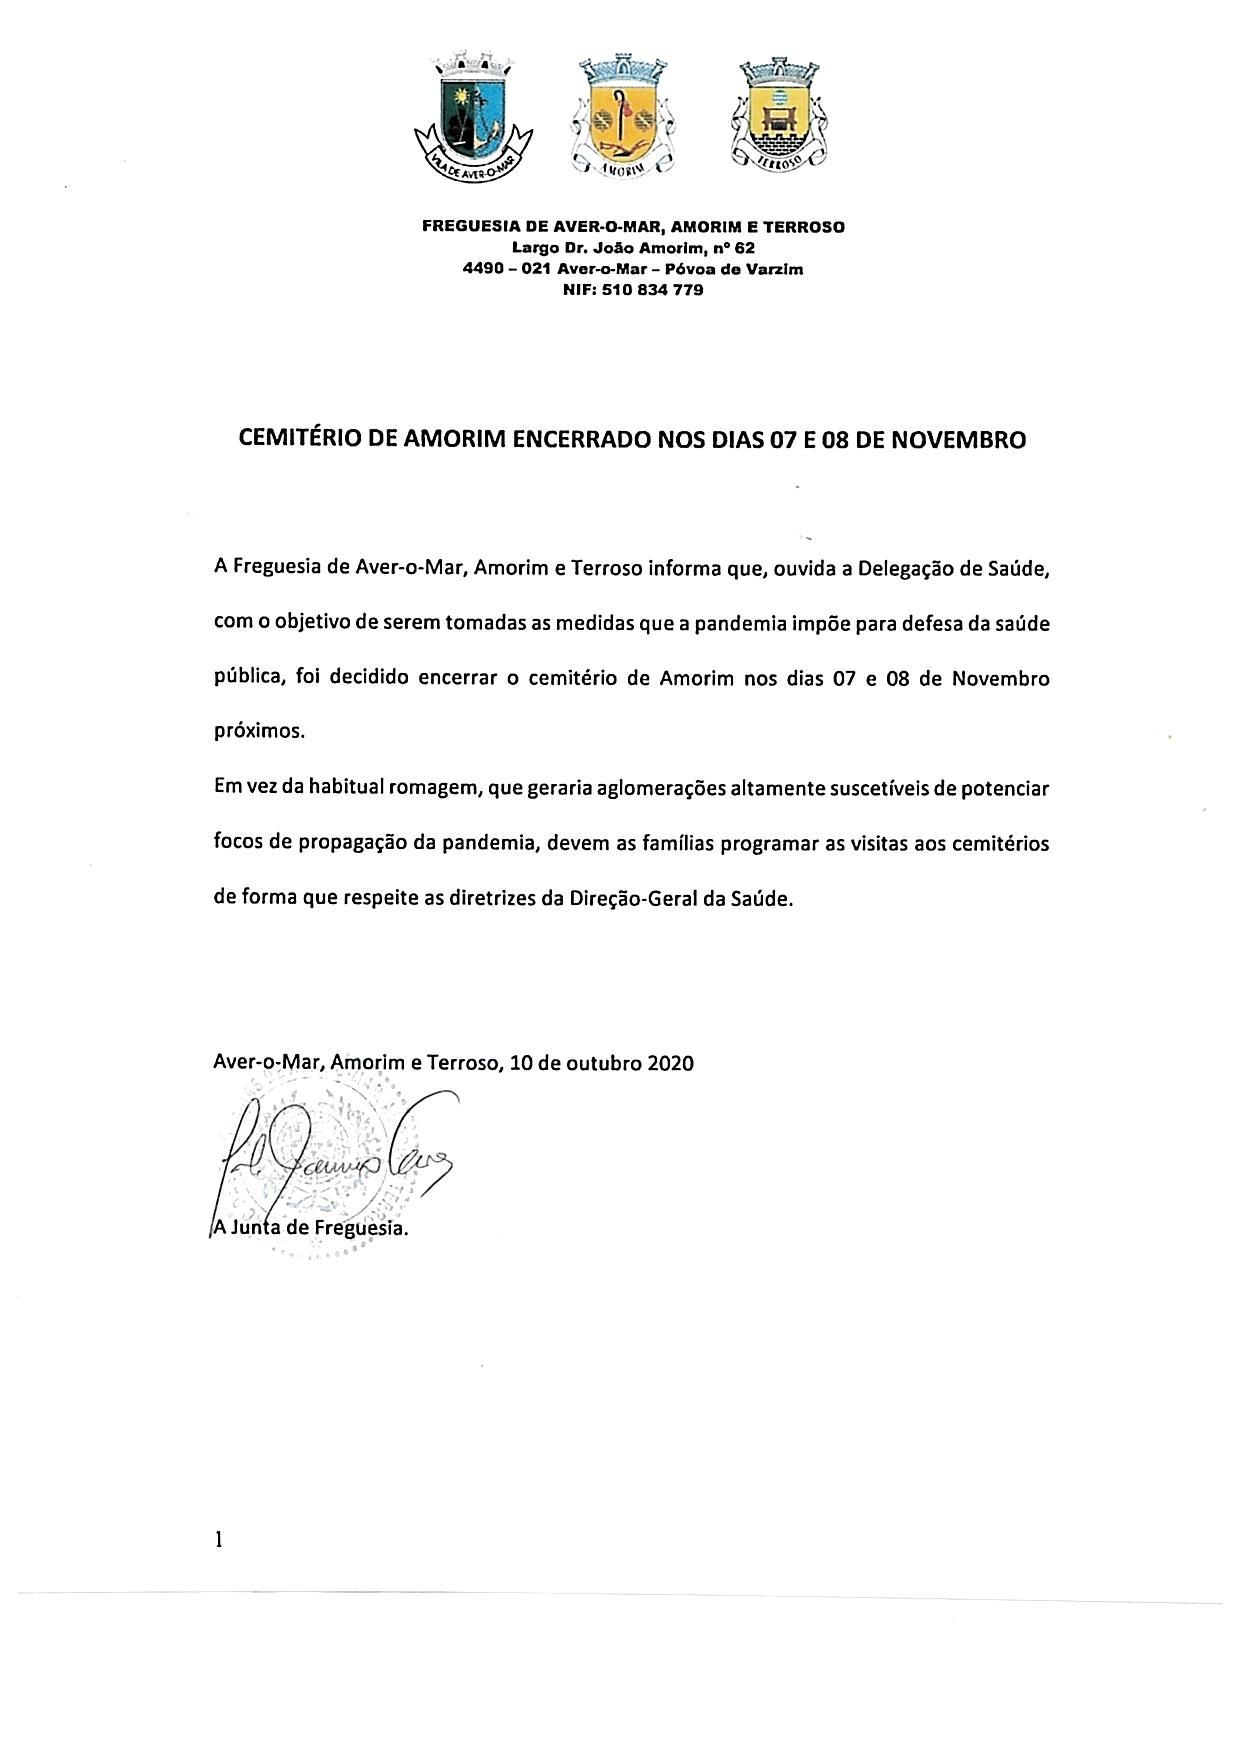 ENCERRAMENTO DO CEMITÉRIO DE AMORIM – DIAS 07 E 08 NOVEMBRO 2020